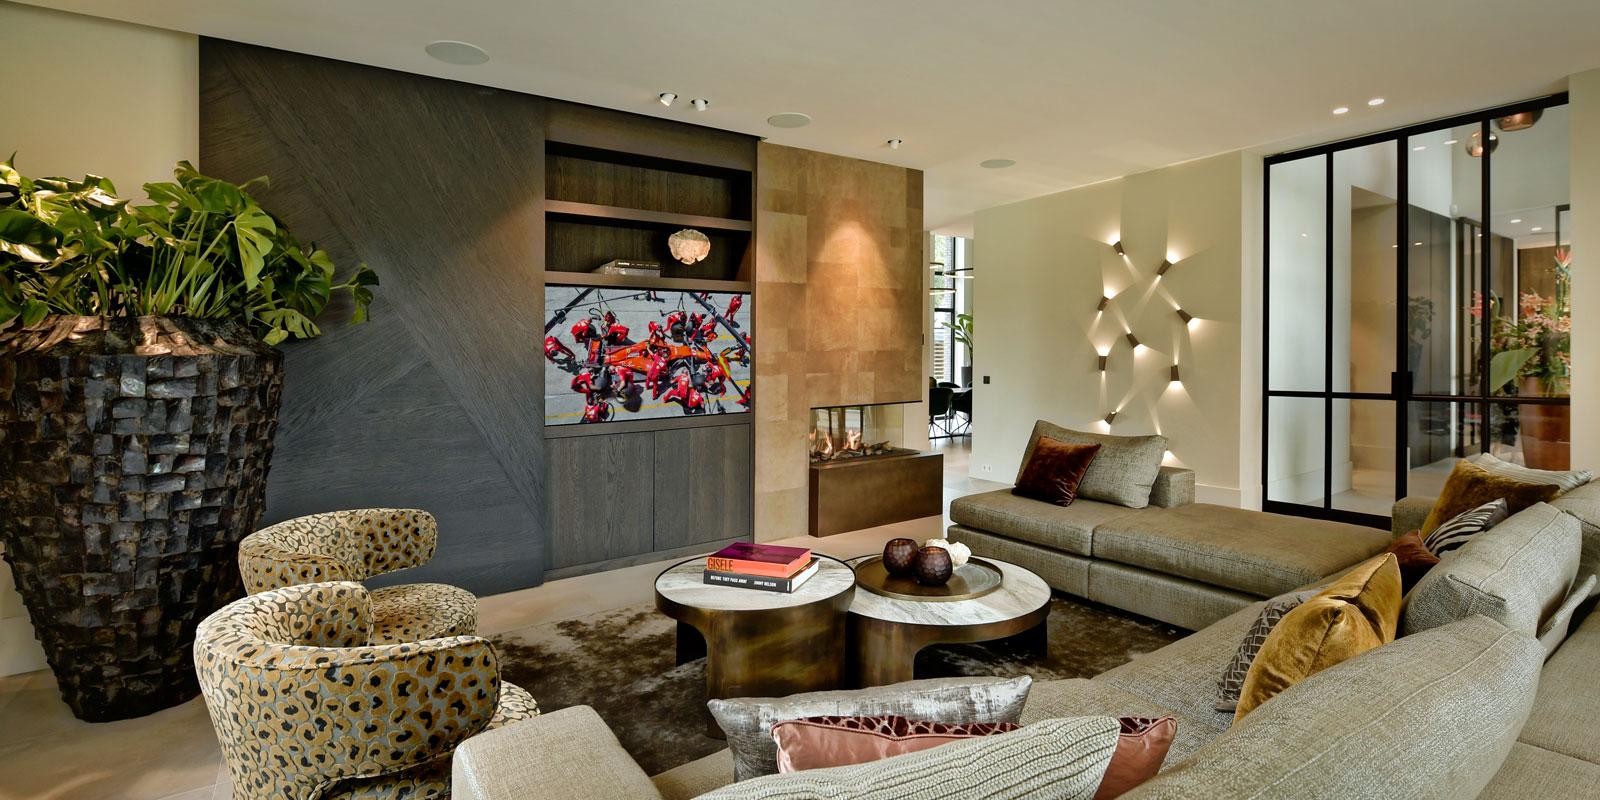 Luxe interieur, alphenberg, Marco van Veldhuizen, the art of living